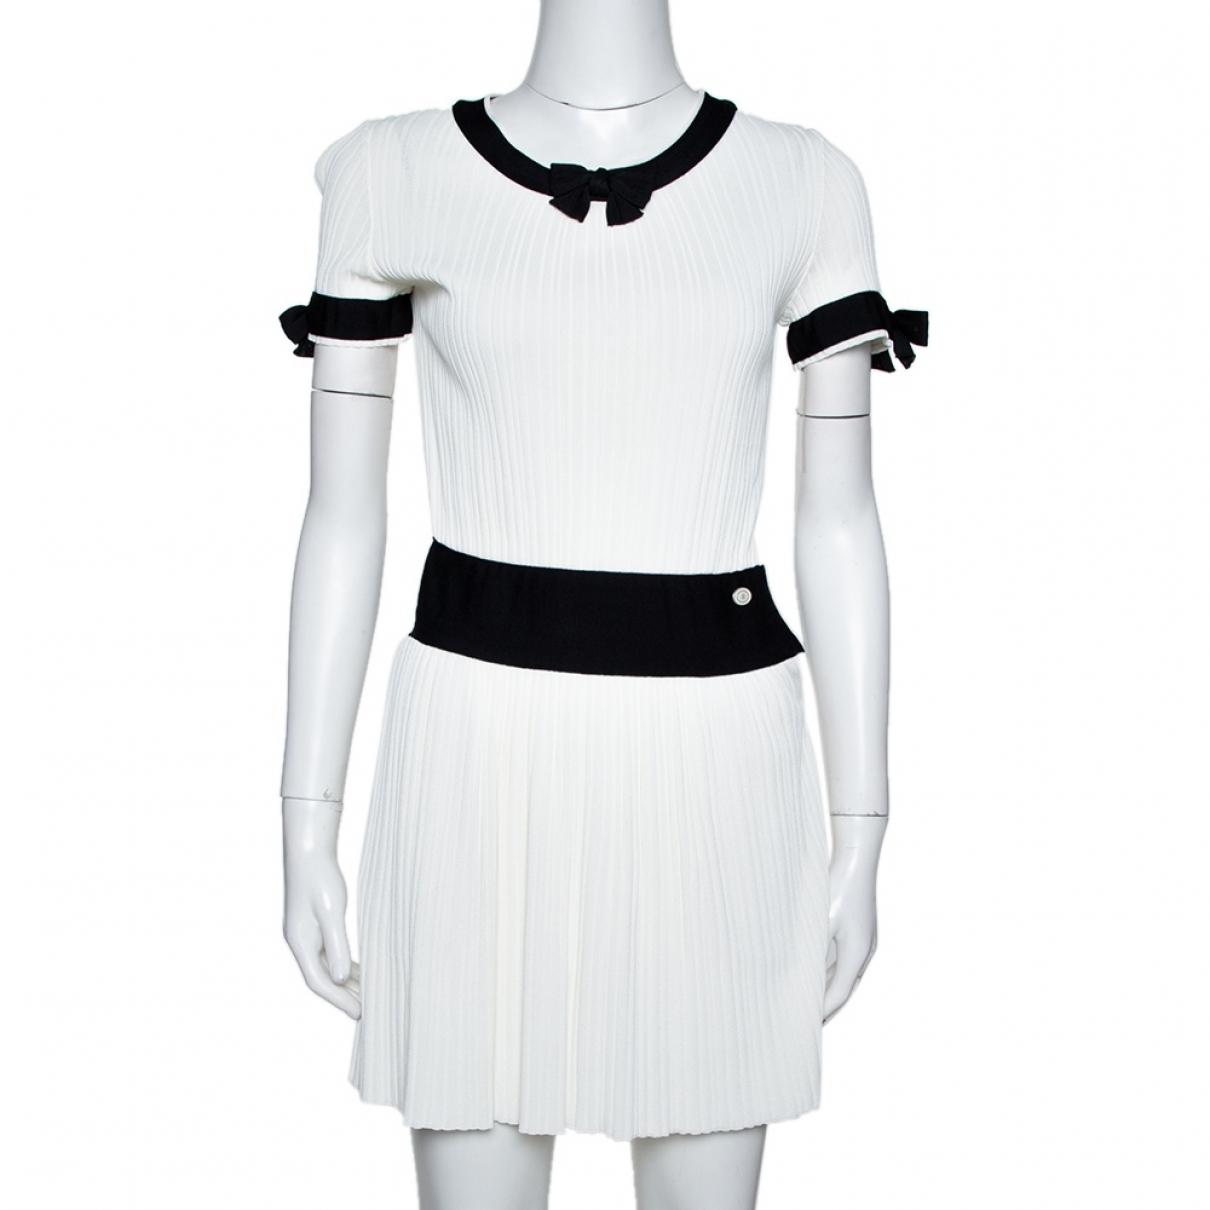 Chanel \N White dress for Women S International